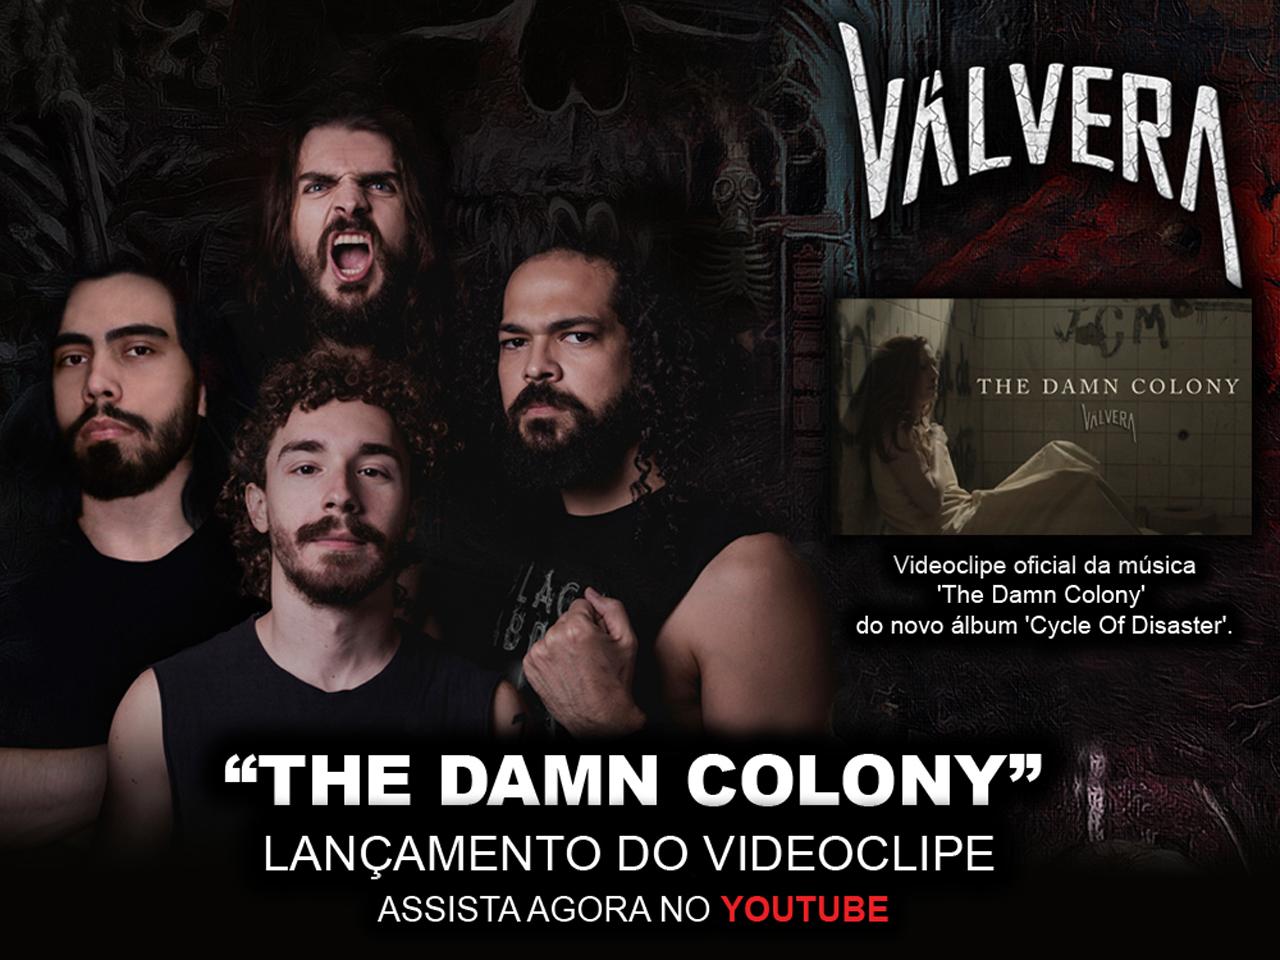 Válvera lança novo videoclipe! Assista agora!